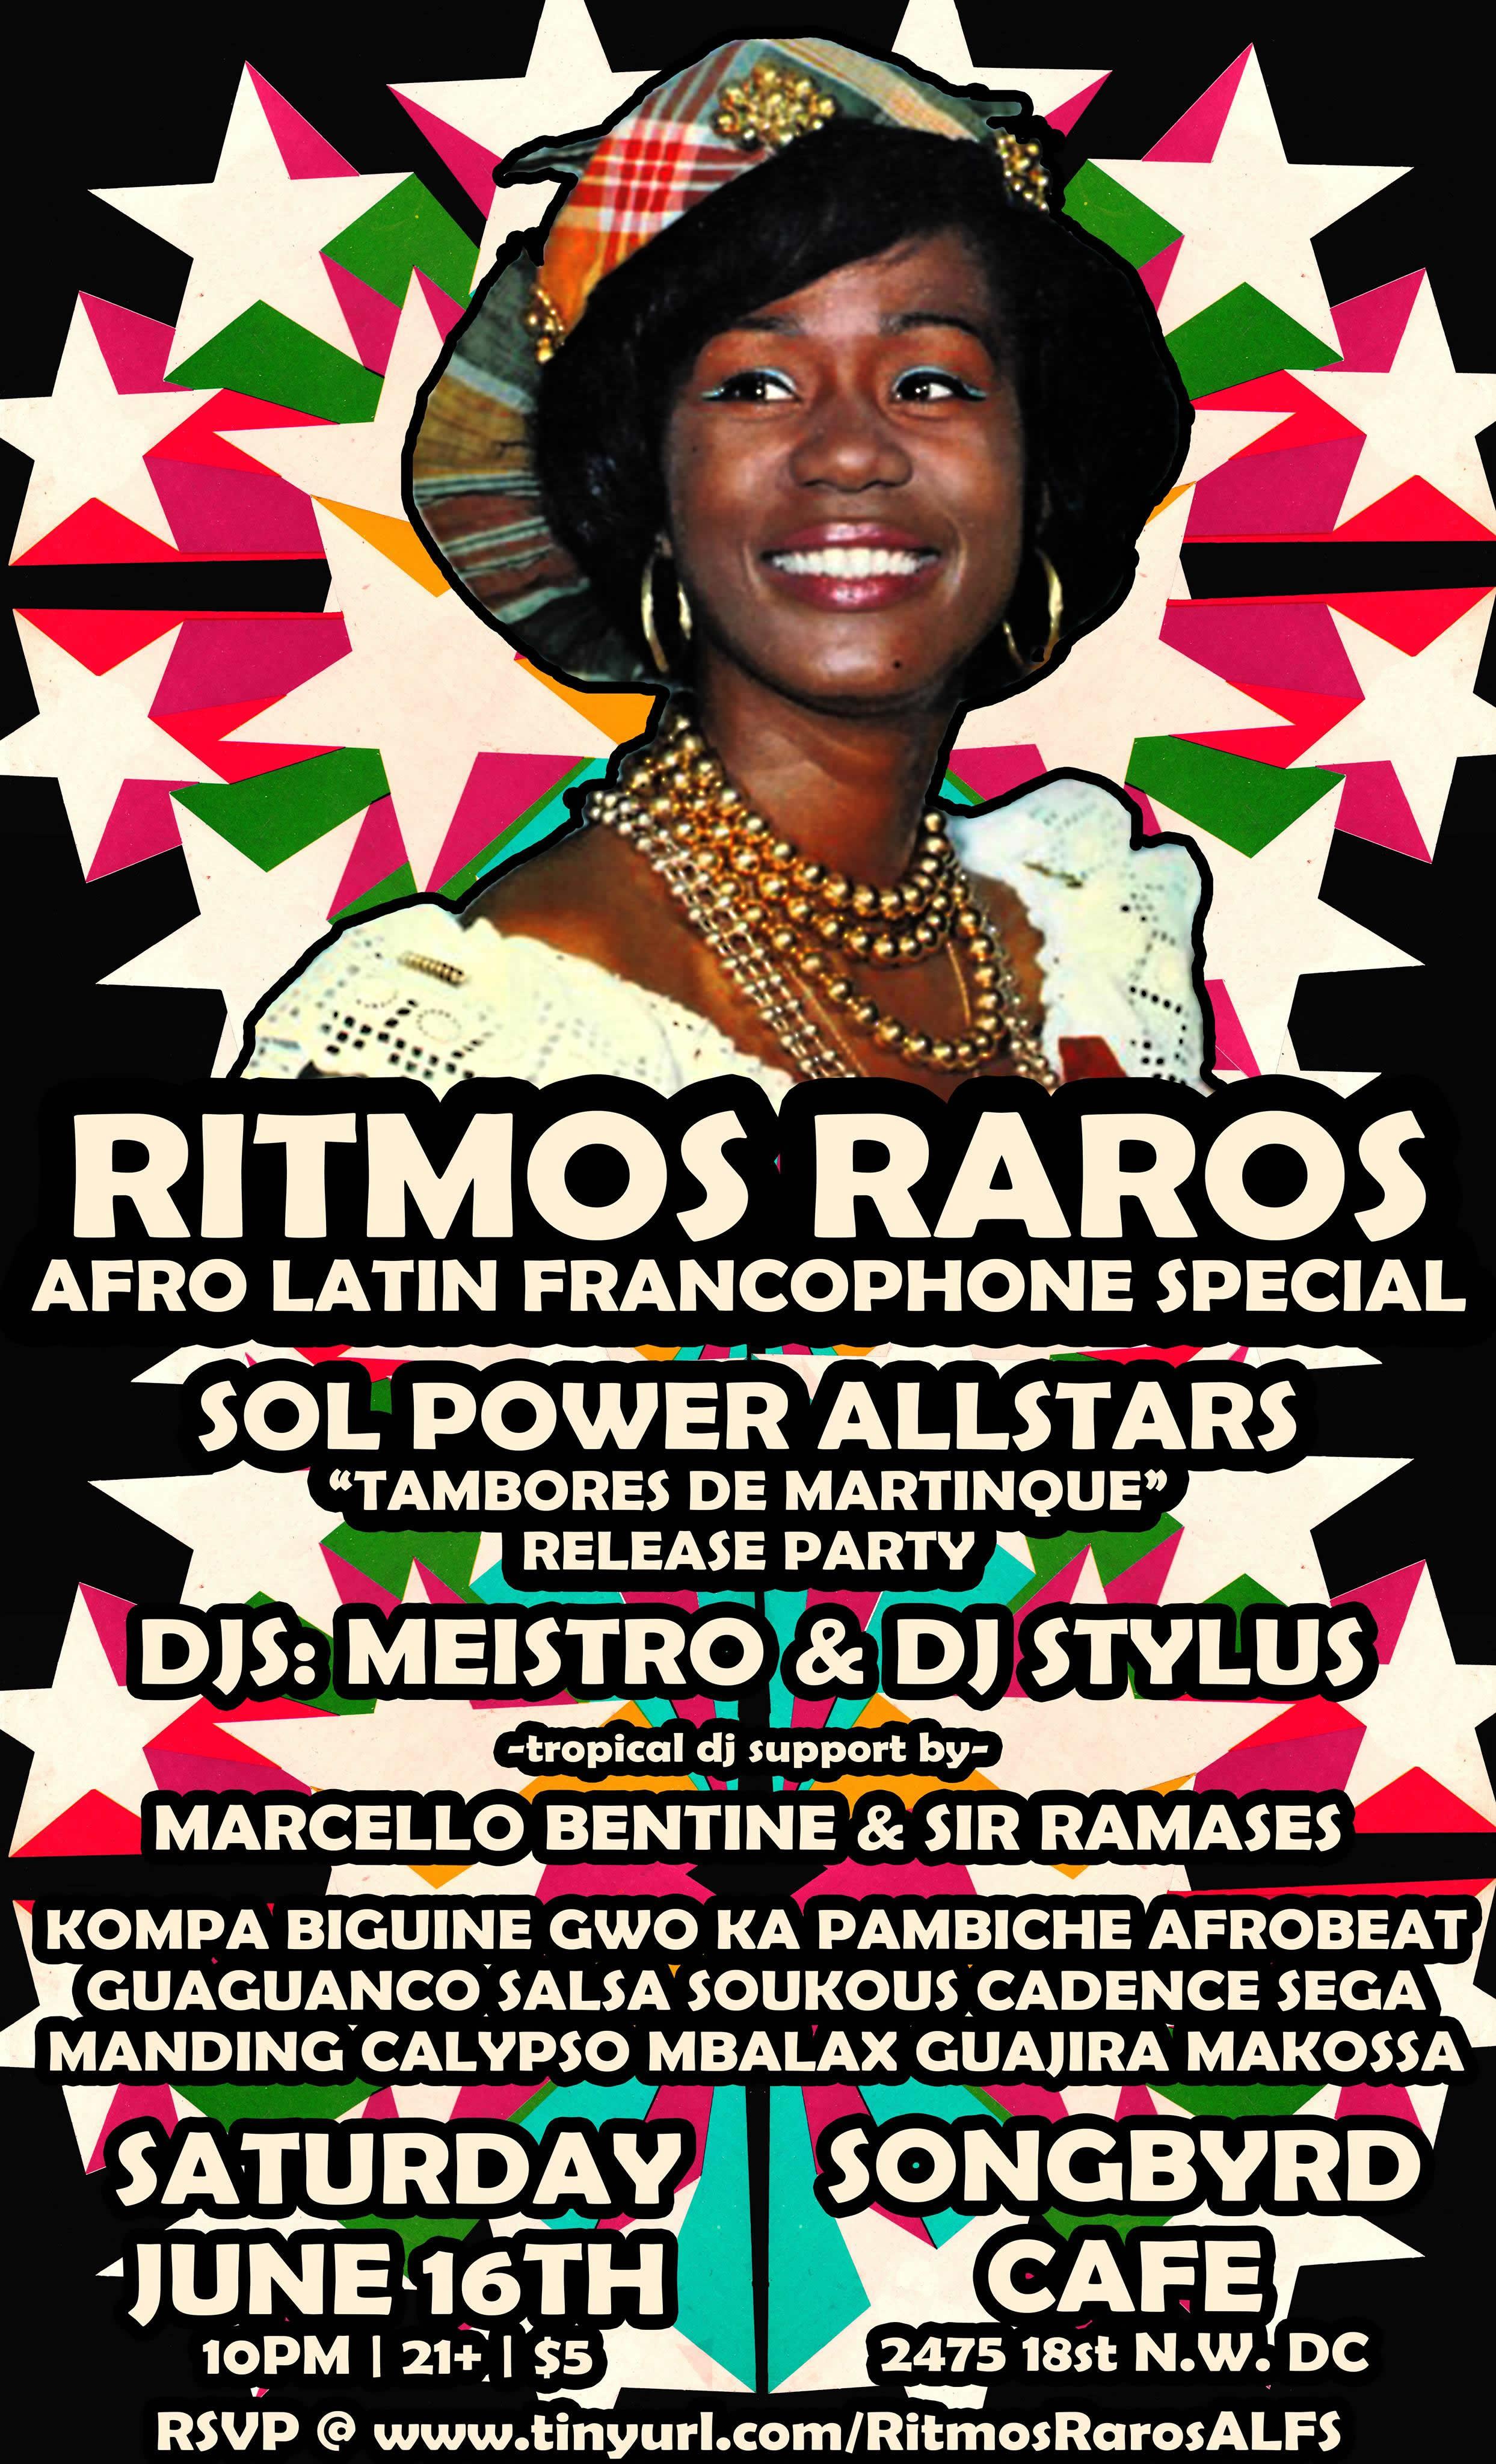 Ritmos Raros: Afro Latin Francophone Special: Sol Power EP Party